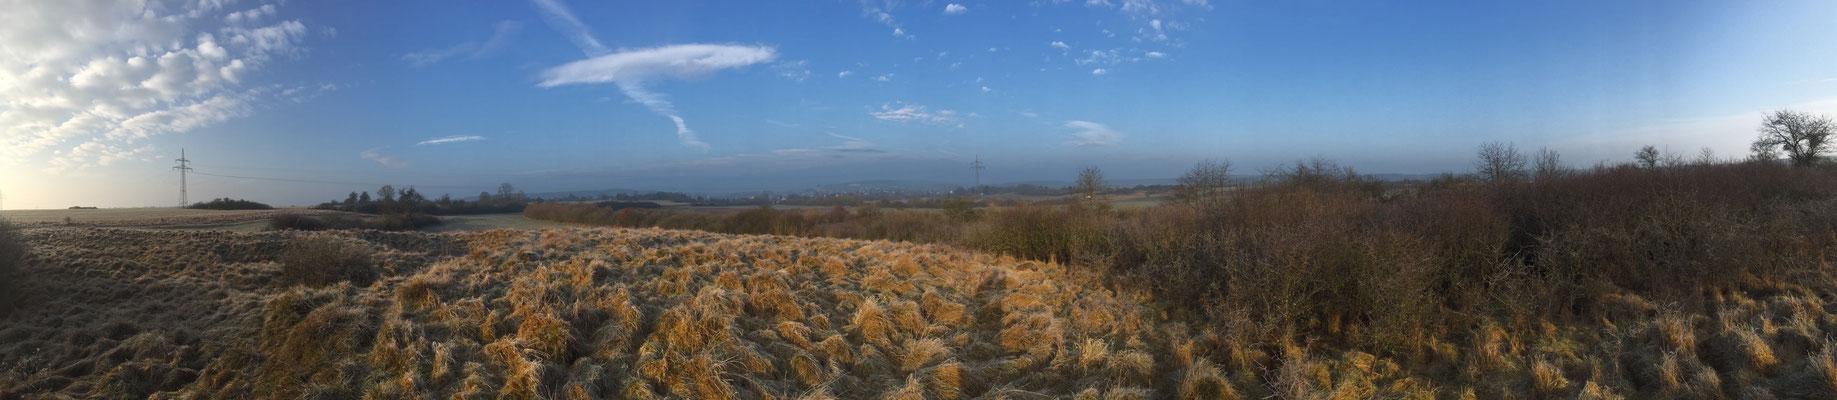 Panorama Lich von Osten 2